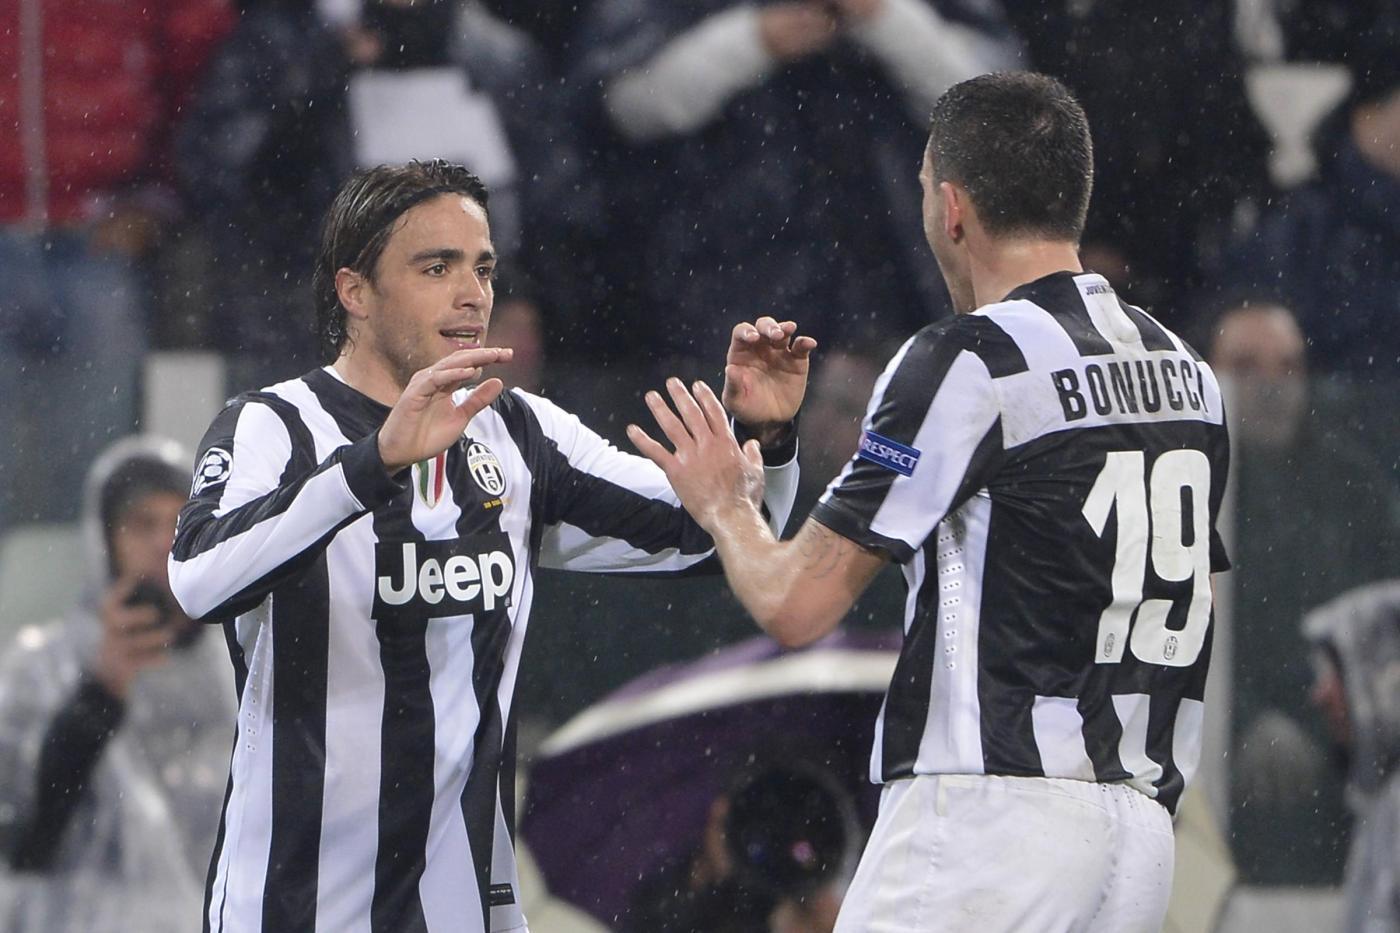 Champions League 2012 / 2013 Juventus vs. Celtic